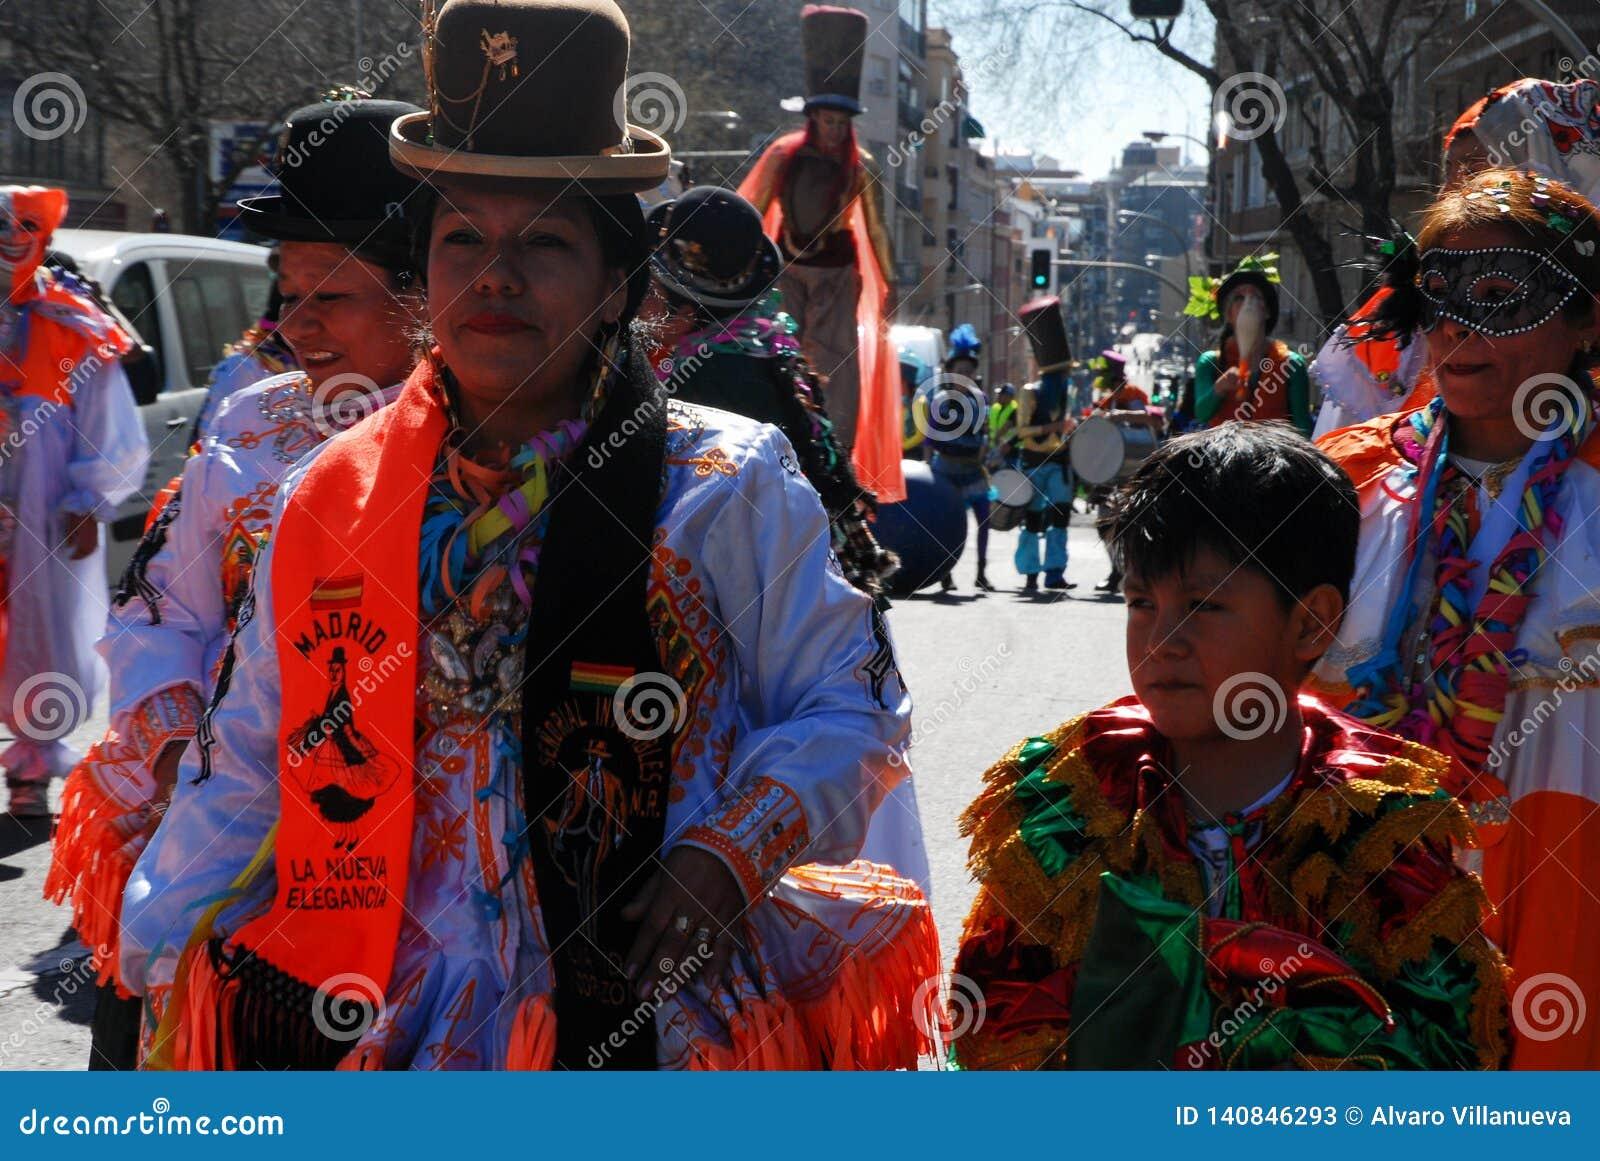 Madrid, Spanien, am 2. März 2019: Karnevalsparade, bolivianische Gruppentänzer mit der traditionellen Kostümausführung